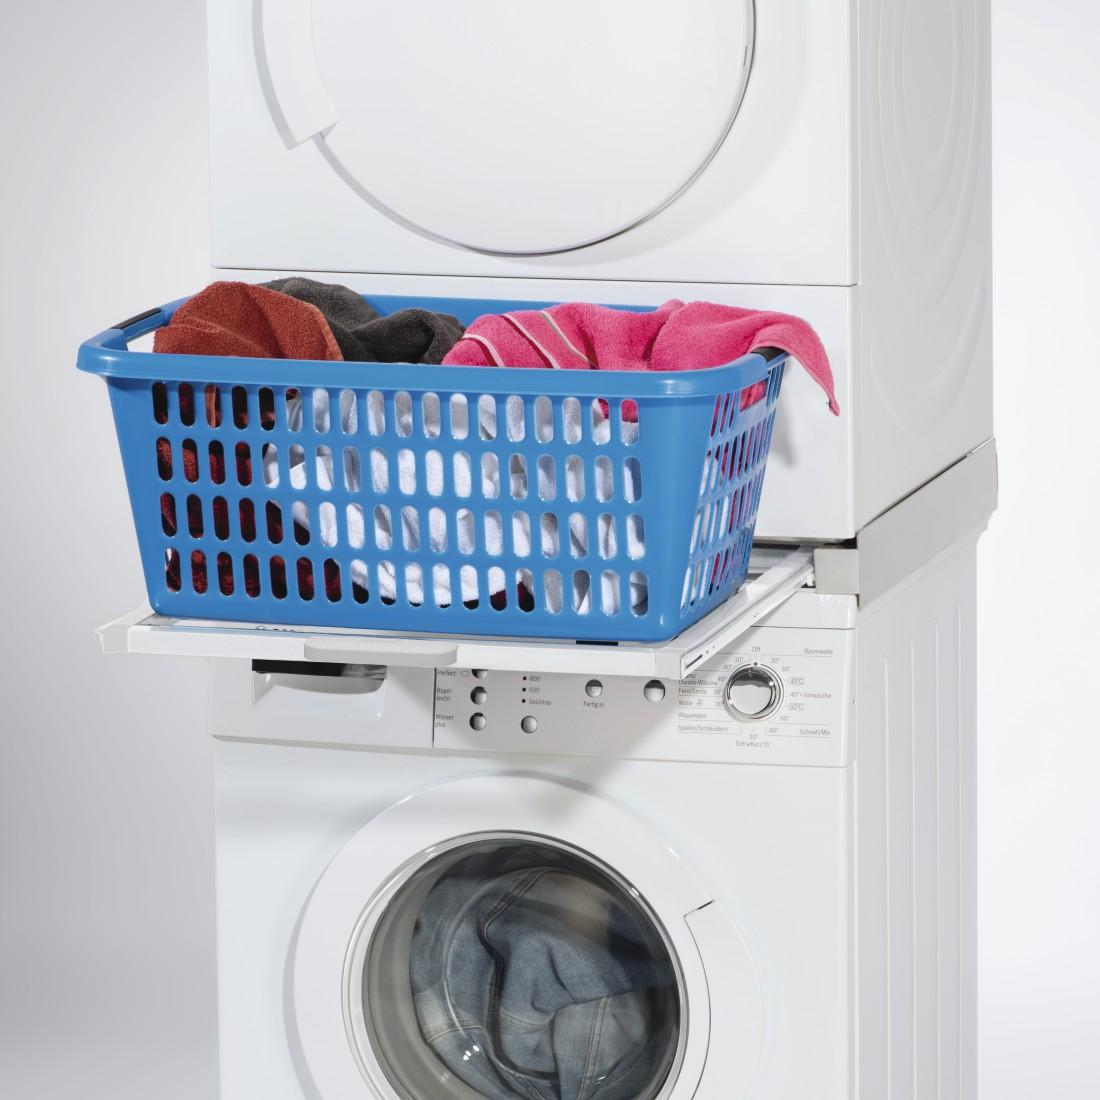 Machine À Laver Et Sèche Linge Intégré 00110225 xavax kit de superposition pr lave-linge/sèche